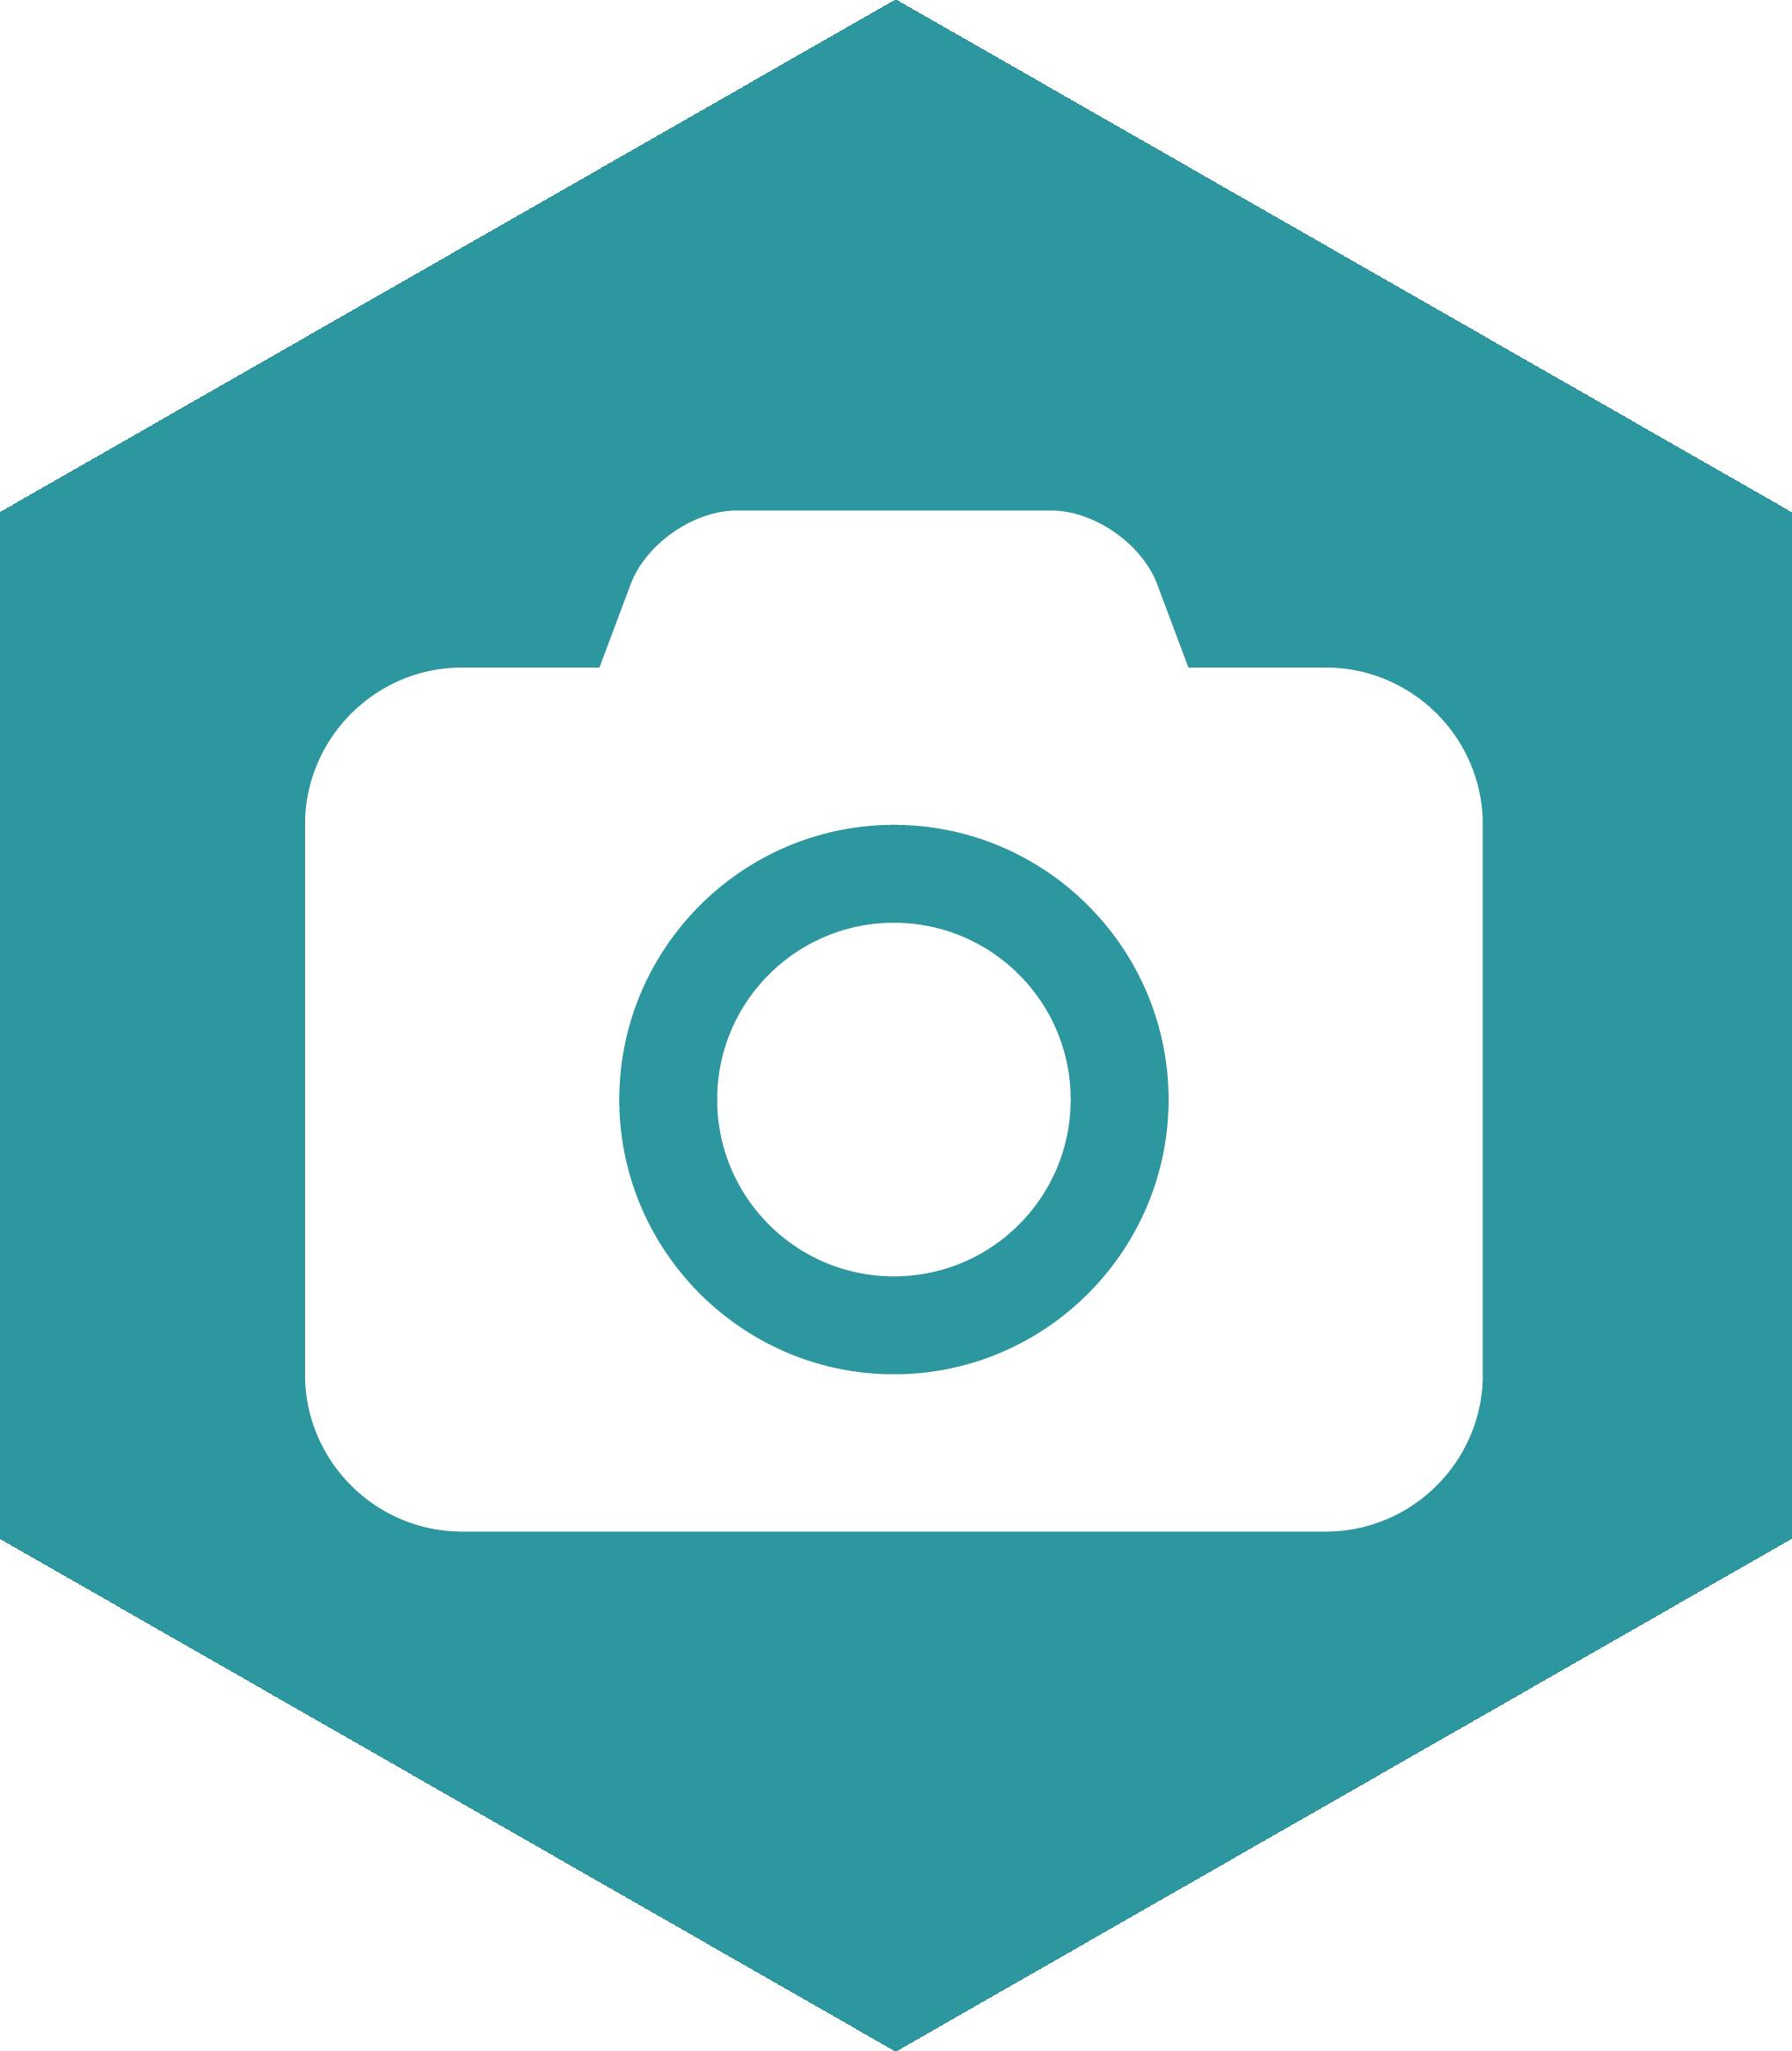 icone imagerie bureau d'études structures métalliques